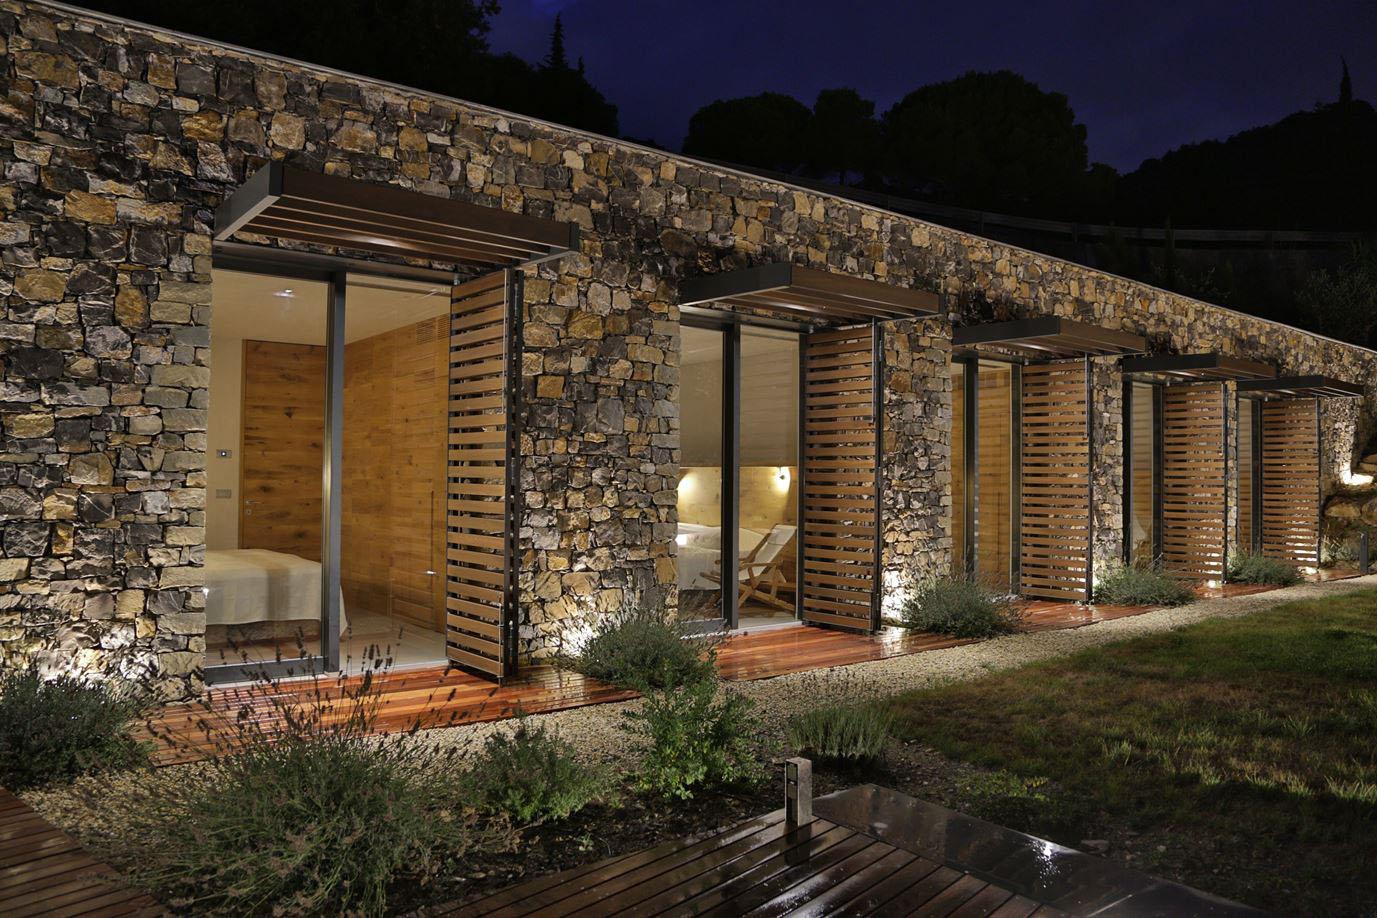 Modern Italian Stone Villa On A Hill Overlooking The